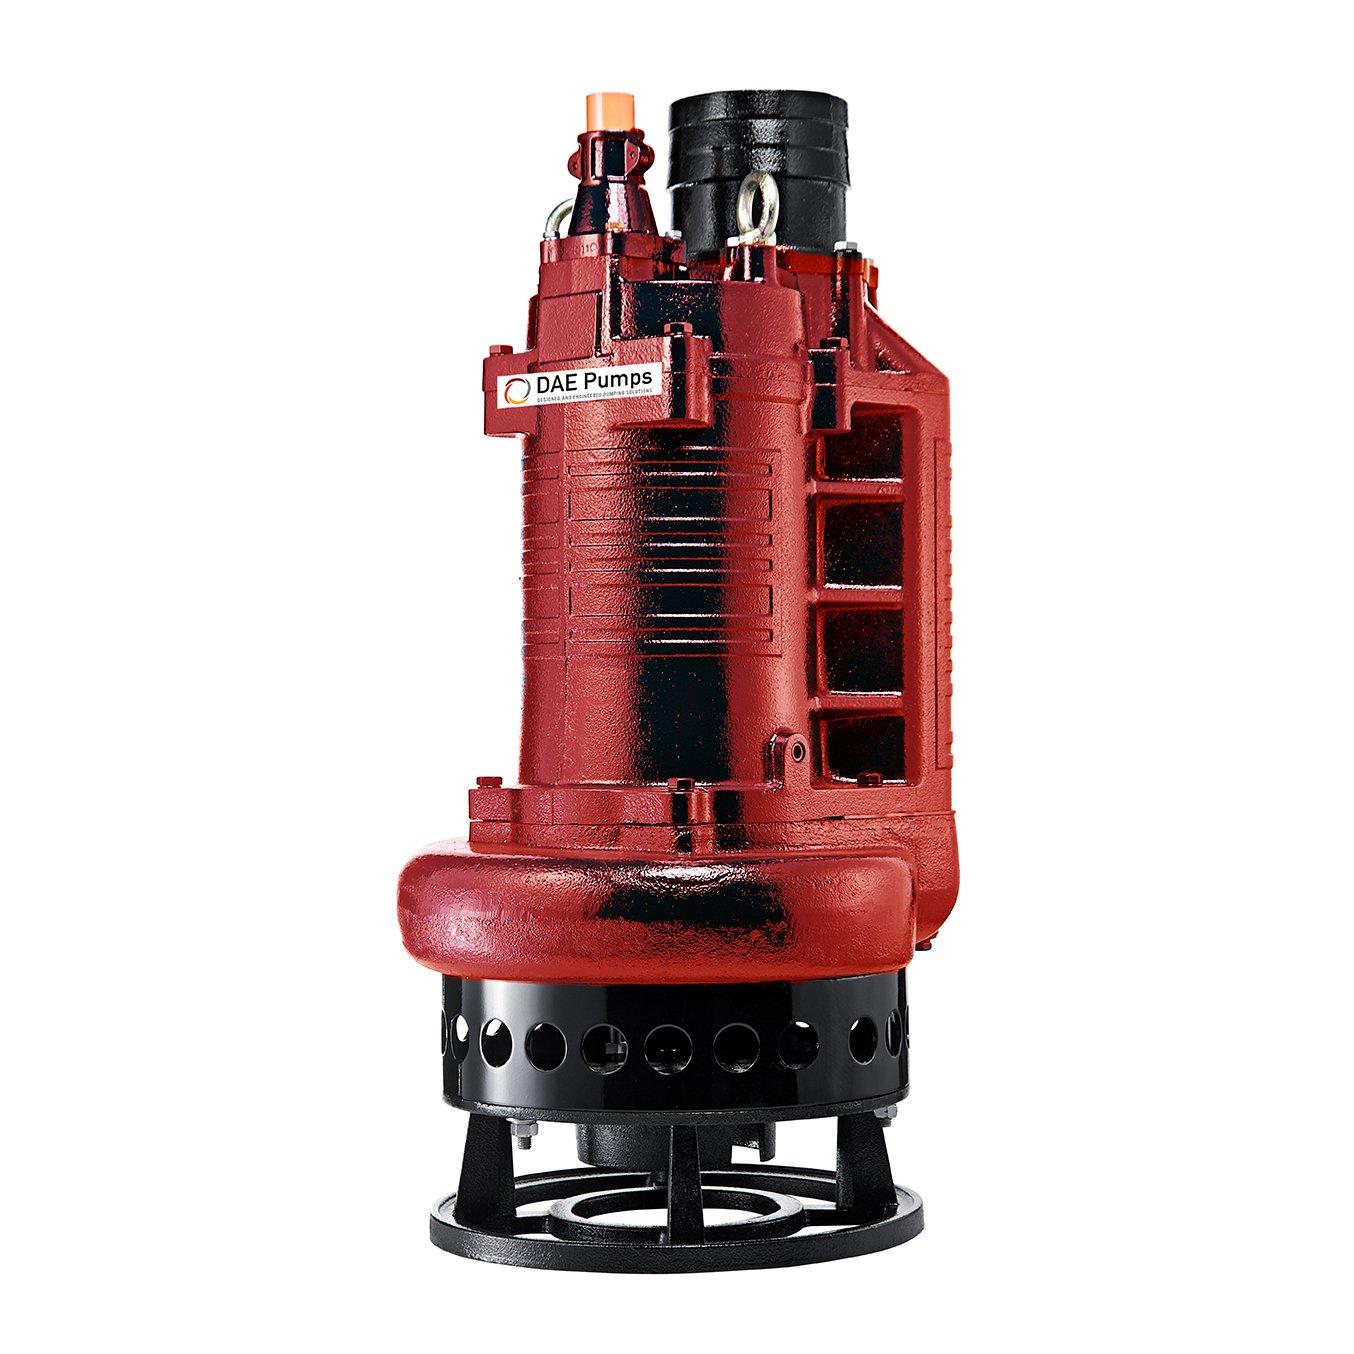 DAE Pumps 6150-PL Submersible Slurry Pump